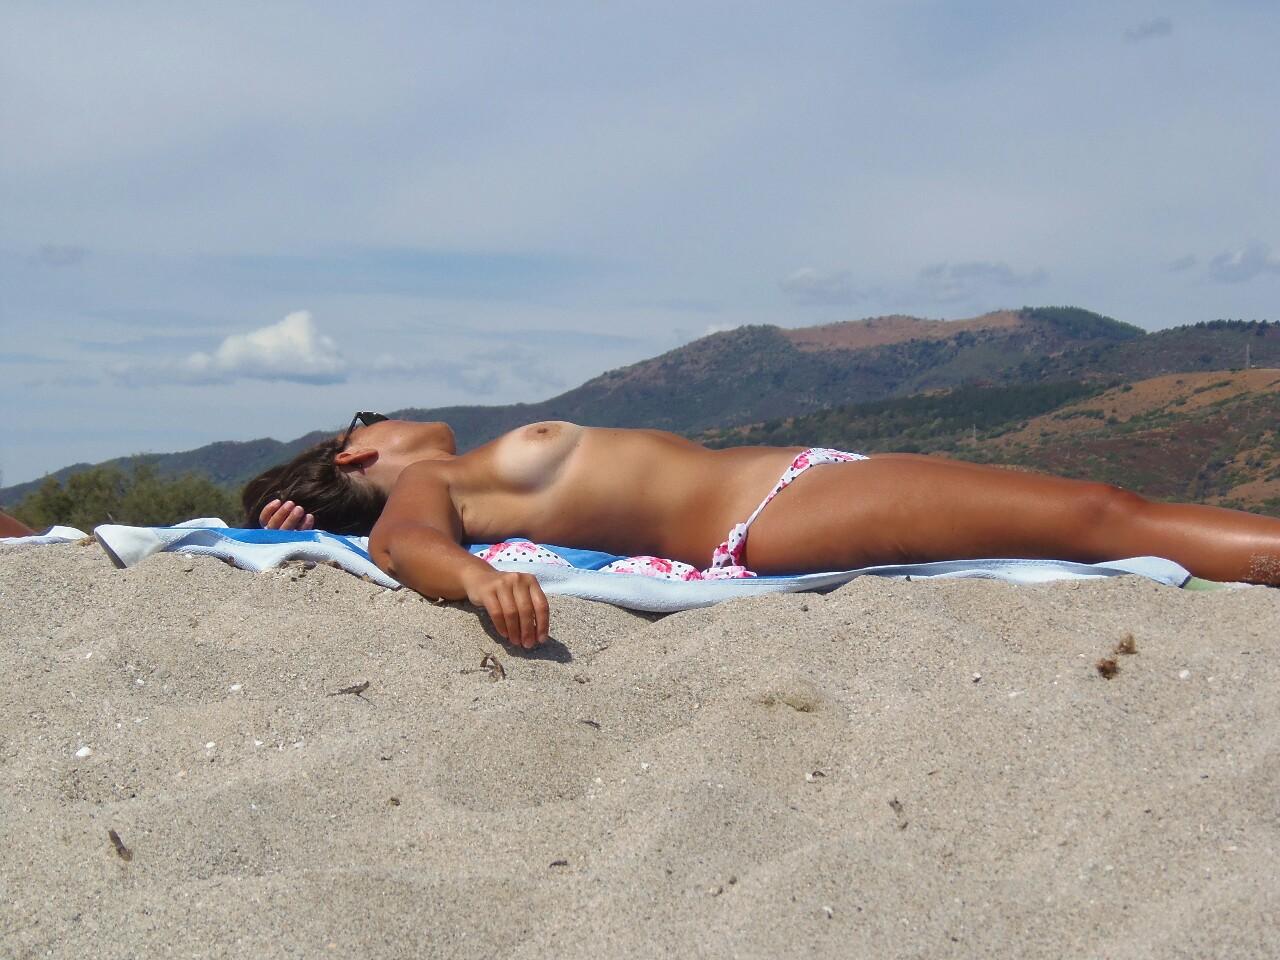 【海外エロ画像】パンツ履ける分気楽に巨乳が見放題なトップレスビーチwww 13